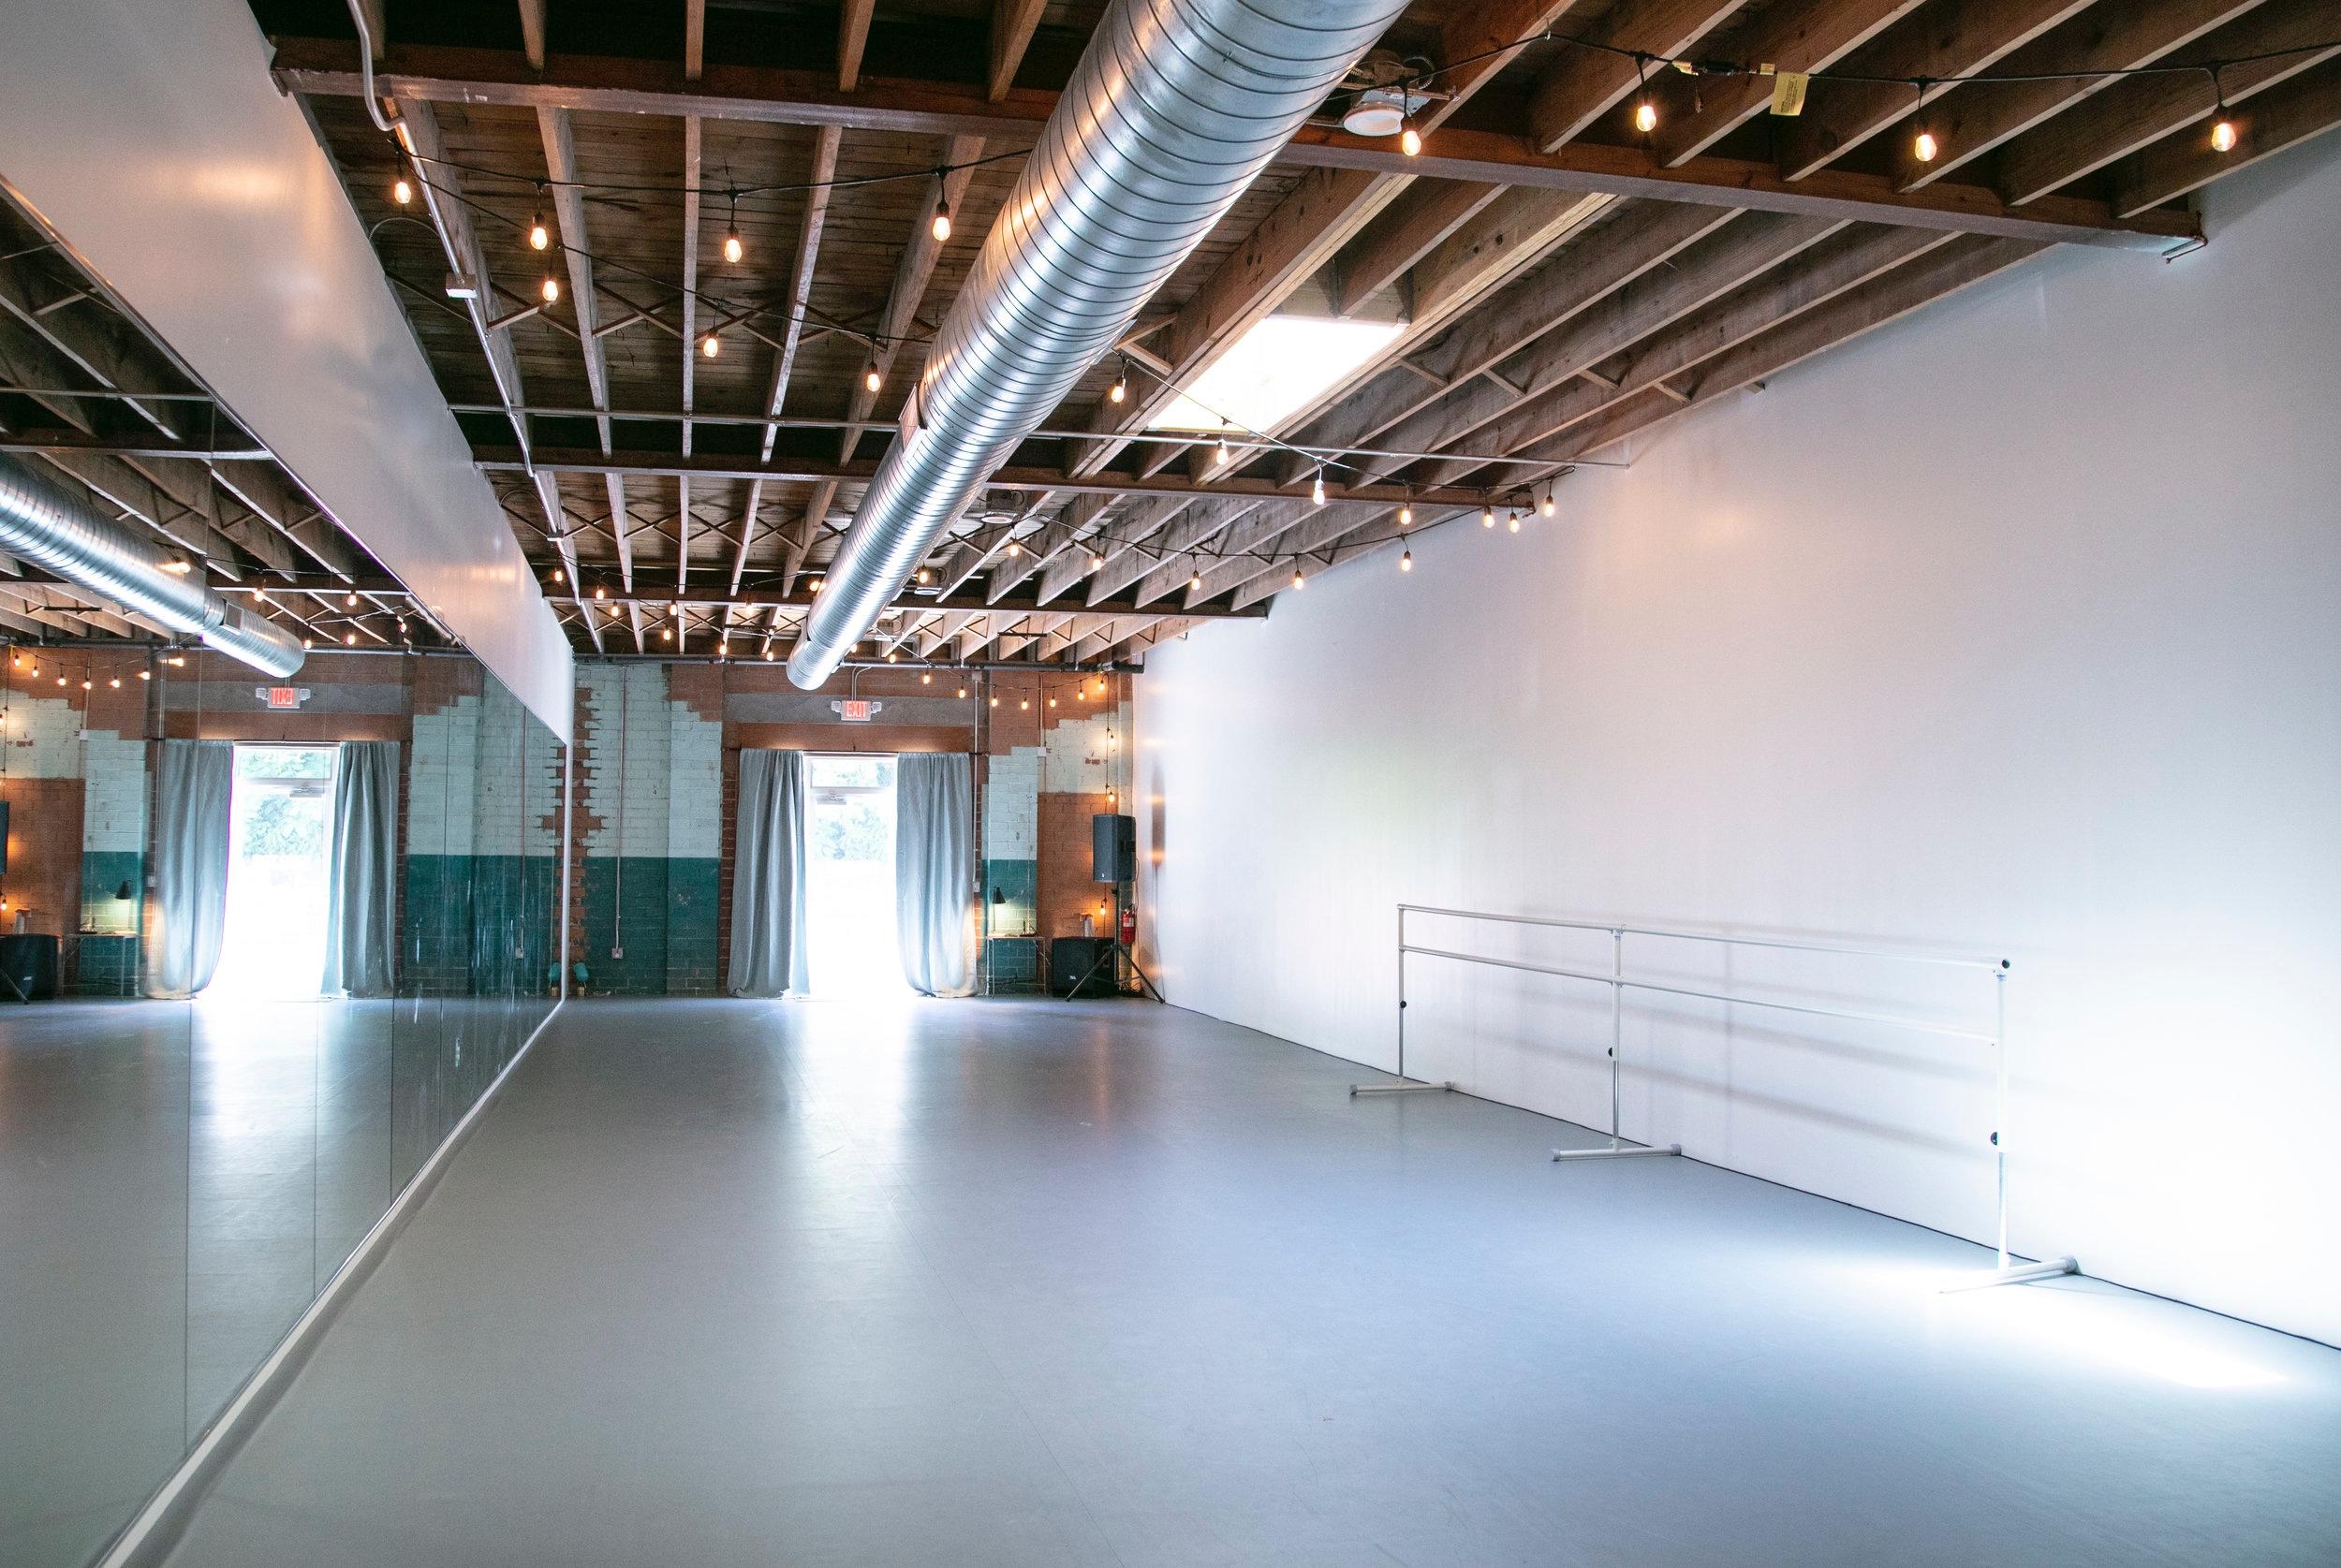 EBB & FLOW DANCE STUDIO. @ebb.flow.studio 2116 N. Davidson St., Unit C Charlotte NC 28205